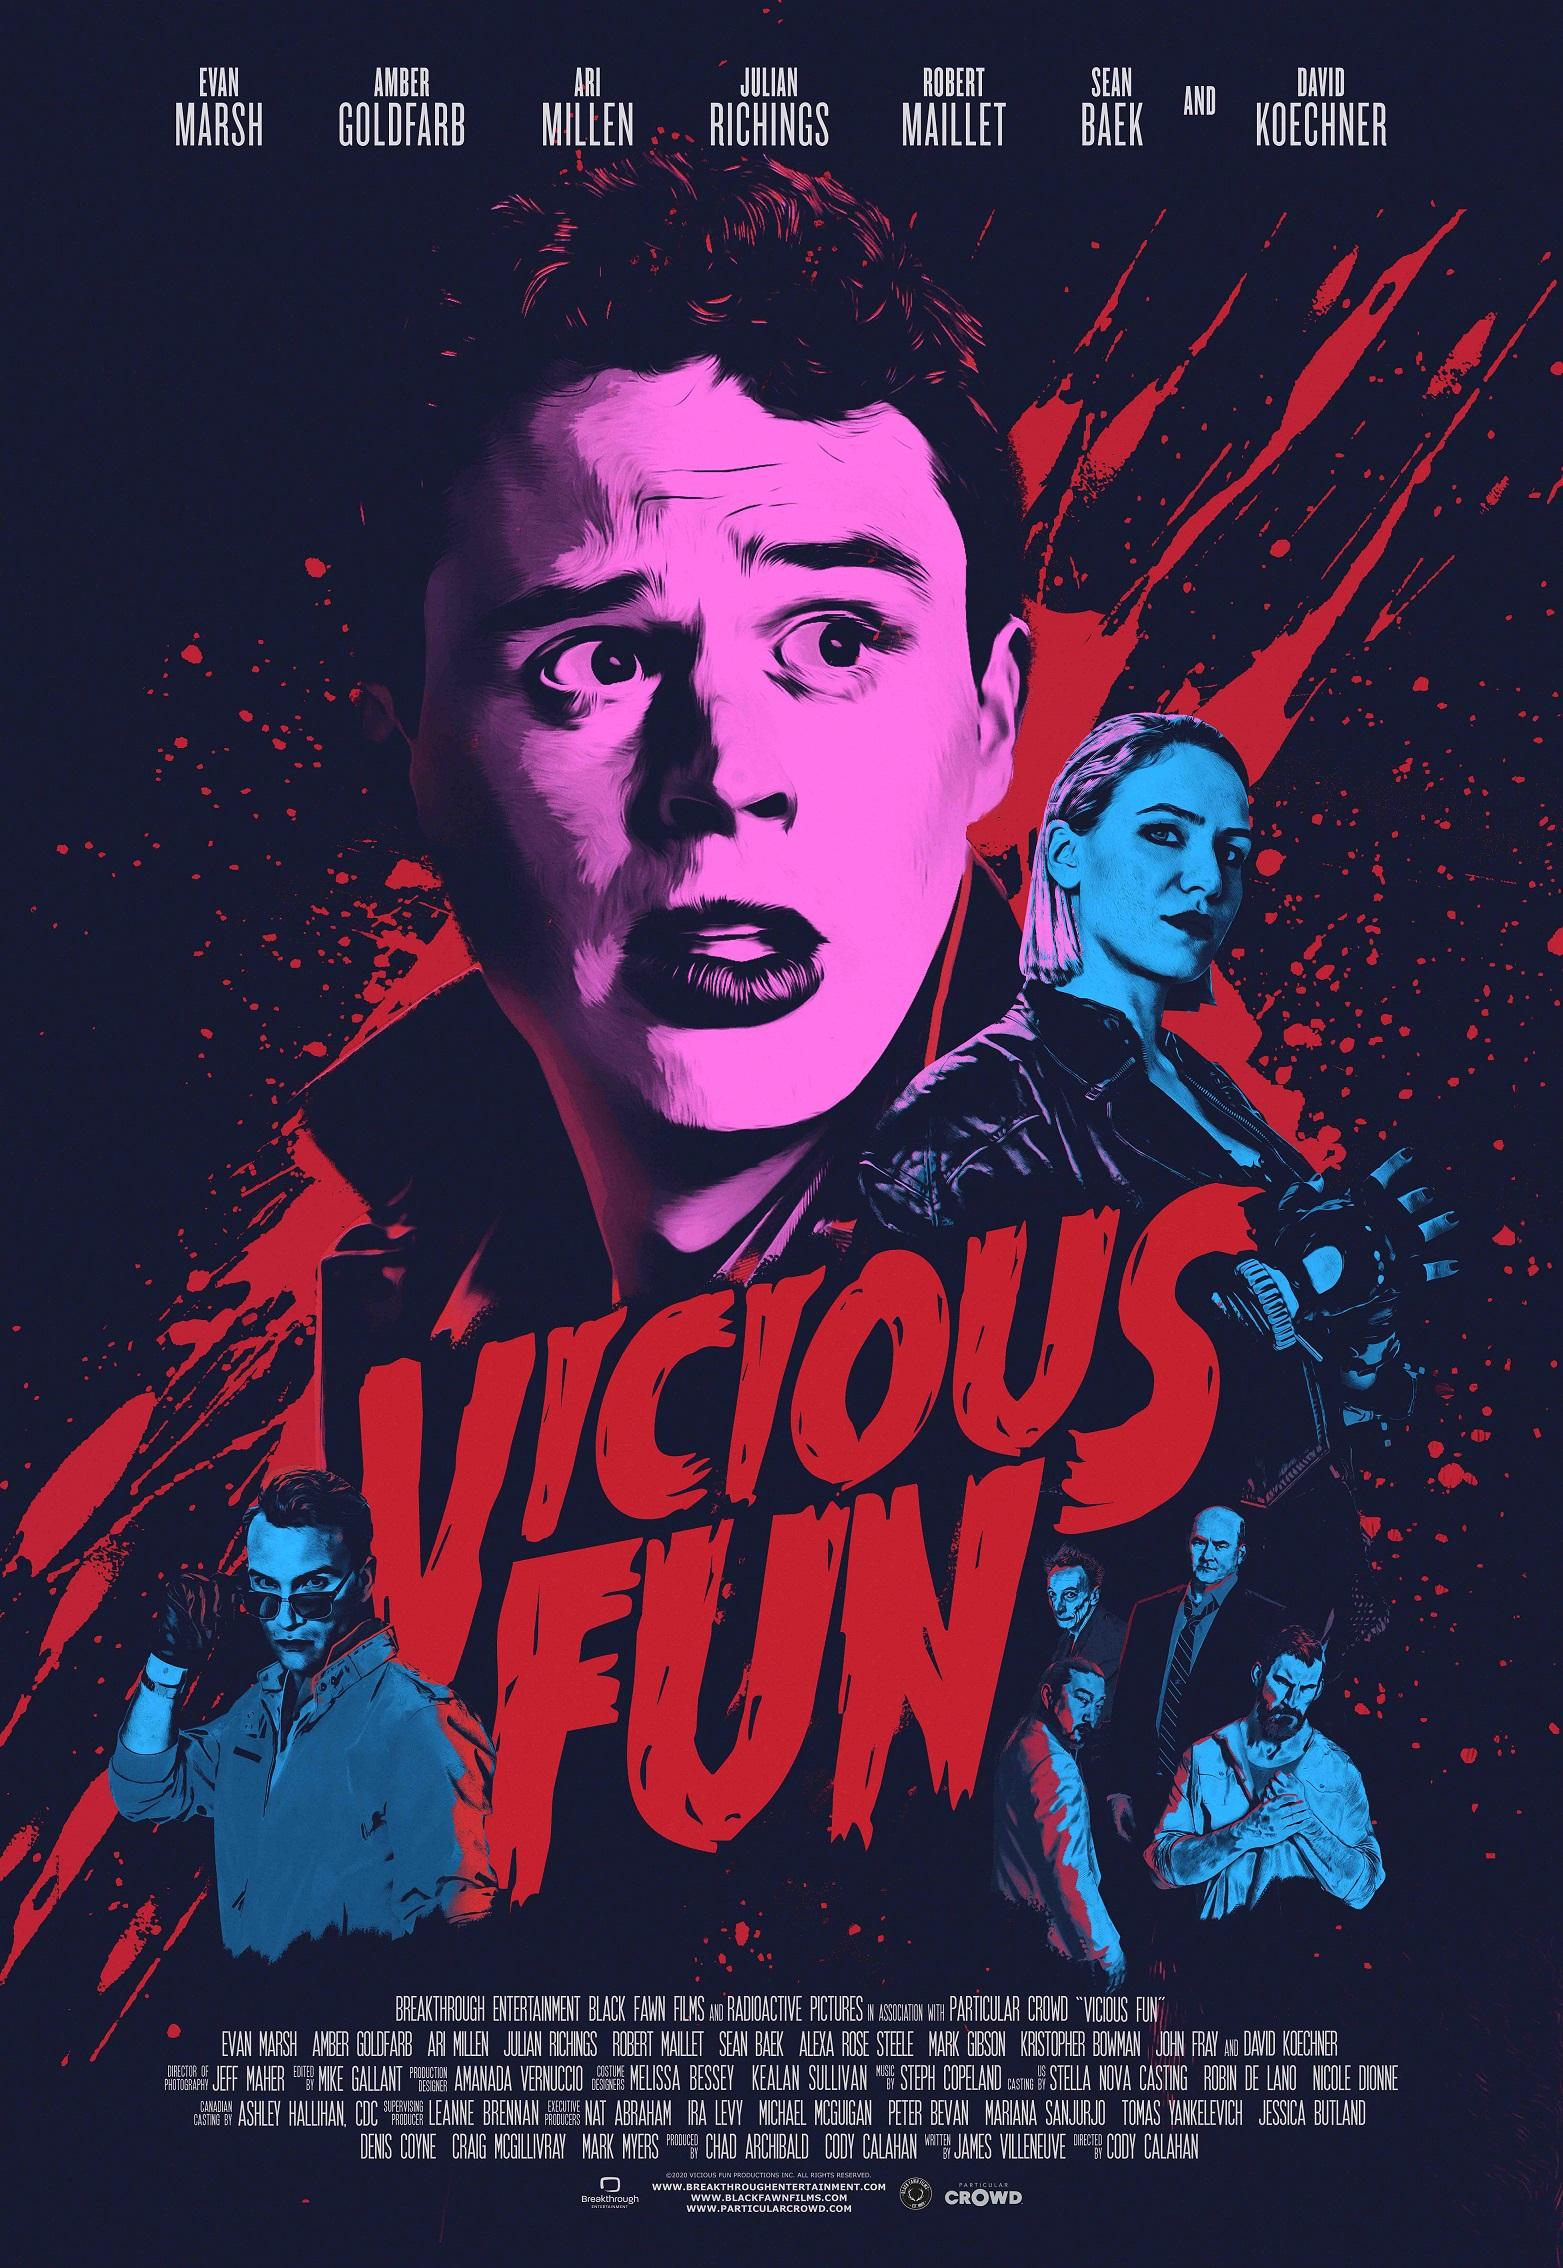 Vicious Fun: primer tráiler del film dirigido por Cody Calahan